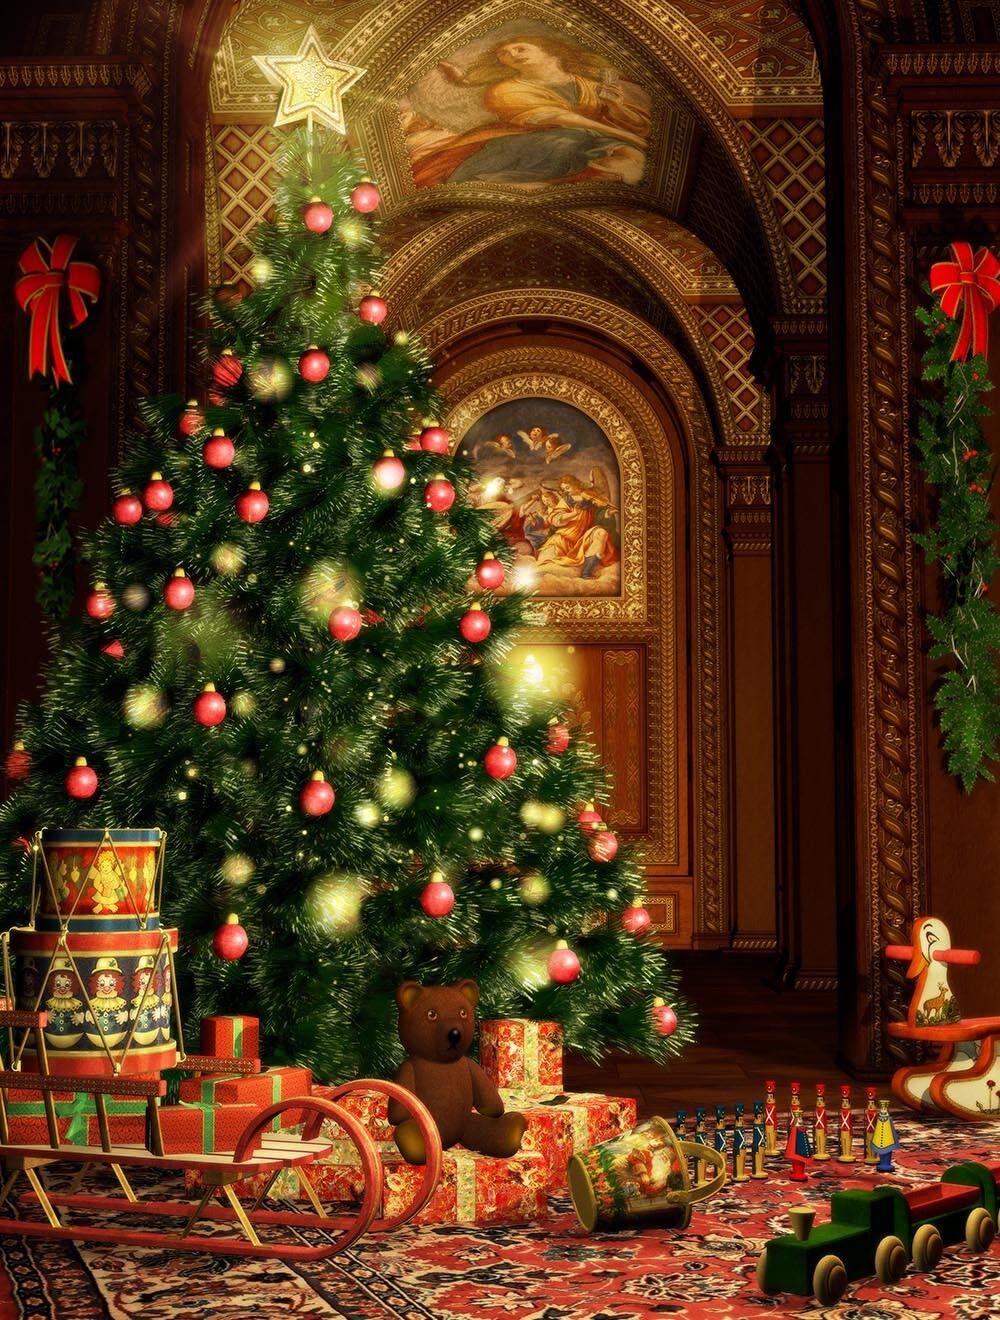 3D Weihnachtsbaum Kirche 73 Tapete Wandgemälde Tapete Tapeten Bild Bild Bild Familie DE | Die erste Reihe von umfassenden Spezifikationen für Kunden  | Rich-pünktliche Lieferung  |  5bd8ee